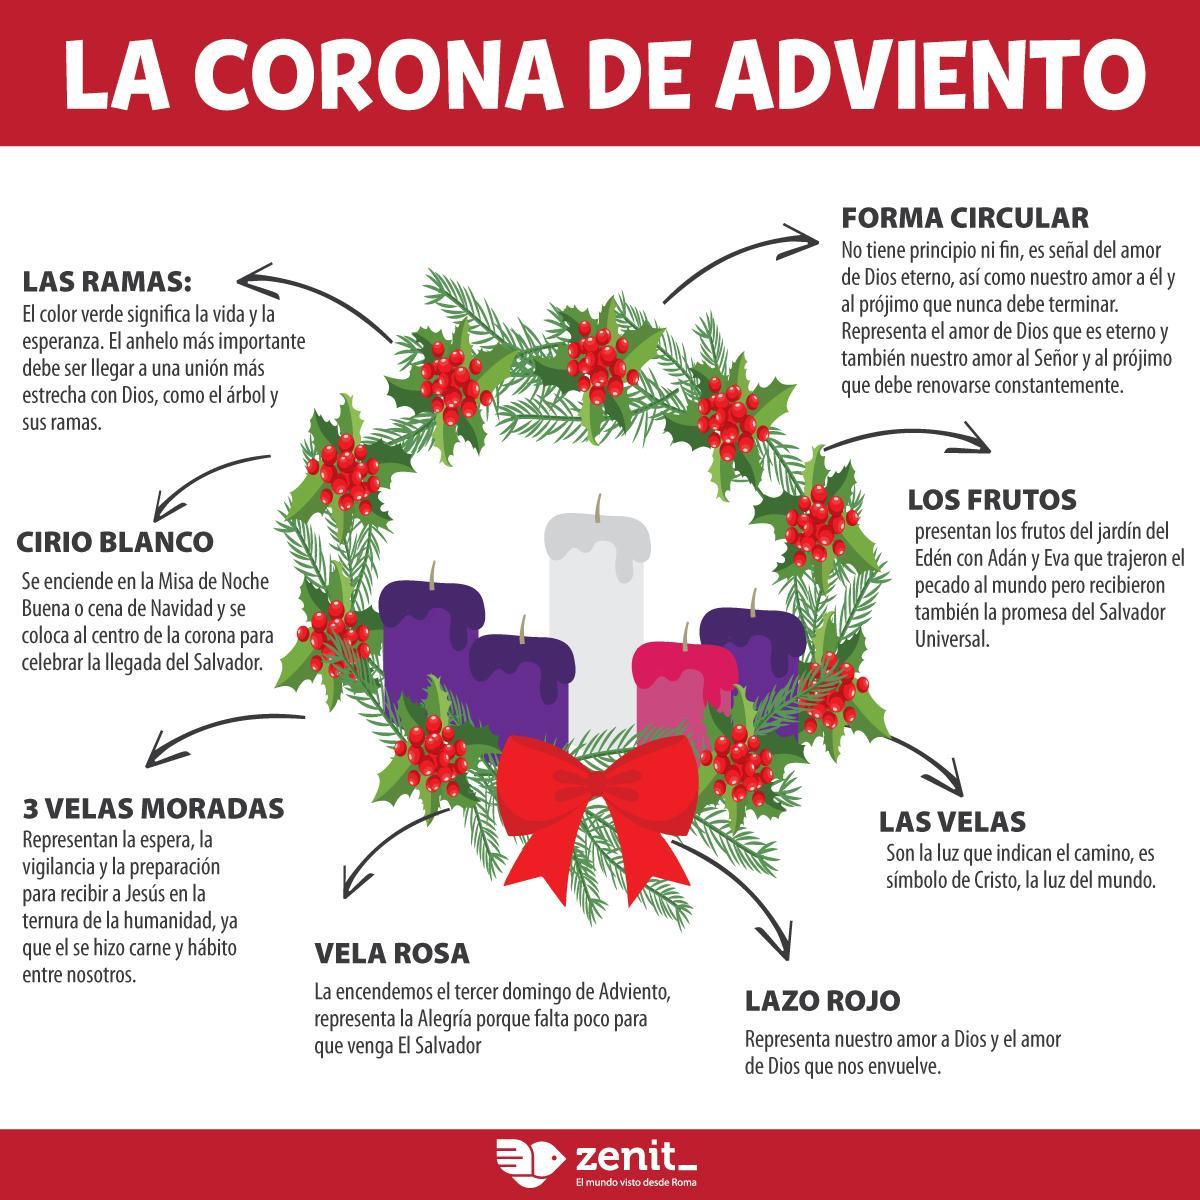 Uživatel Zenit Español Na Twitteru Conoce El Significado De La Corona Adviento